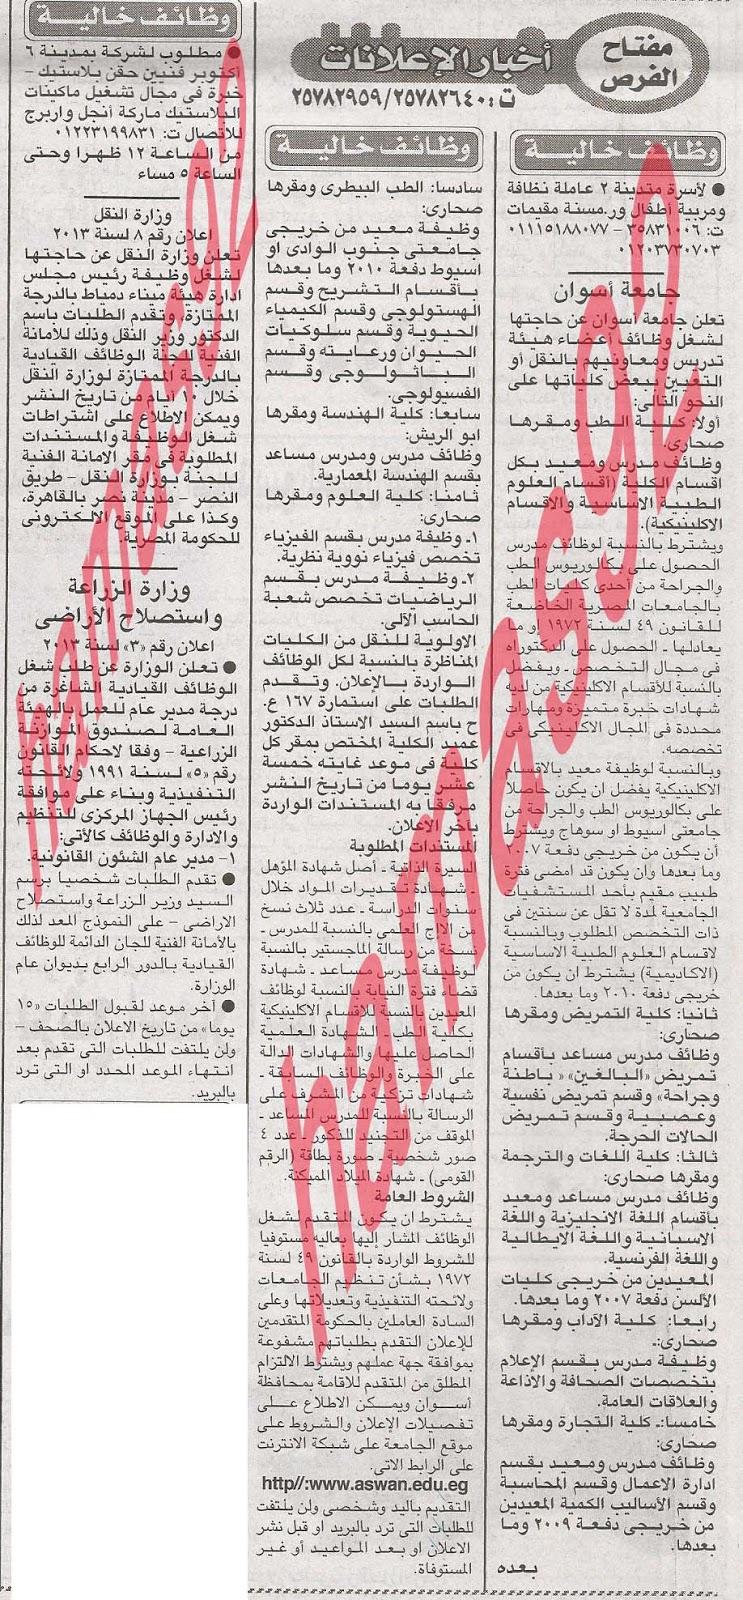 اعلانات الوظائف فى جريدة الاخبار الصادرة يوم الجمعة 3-5-2013